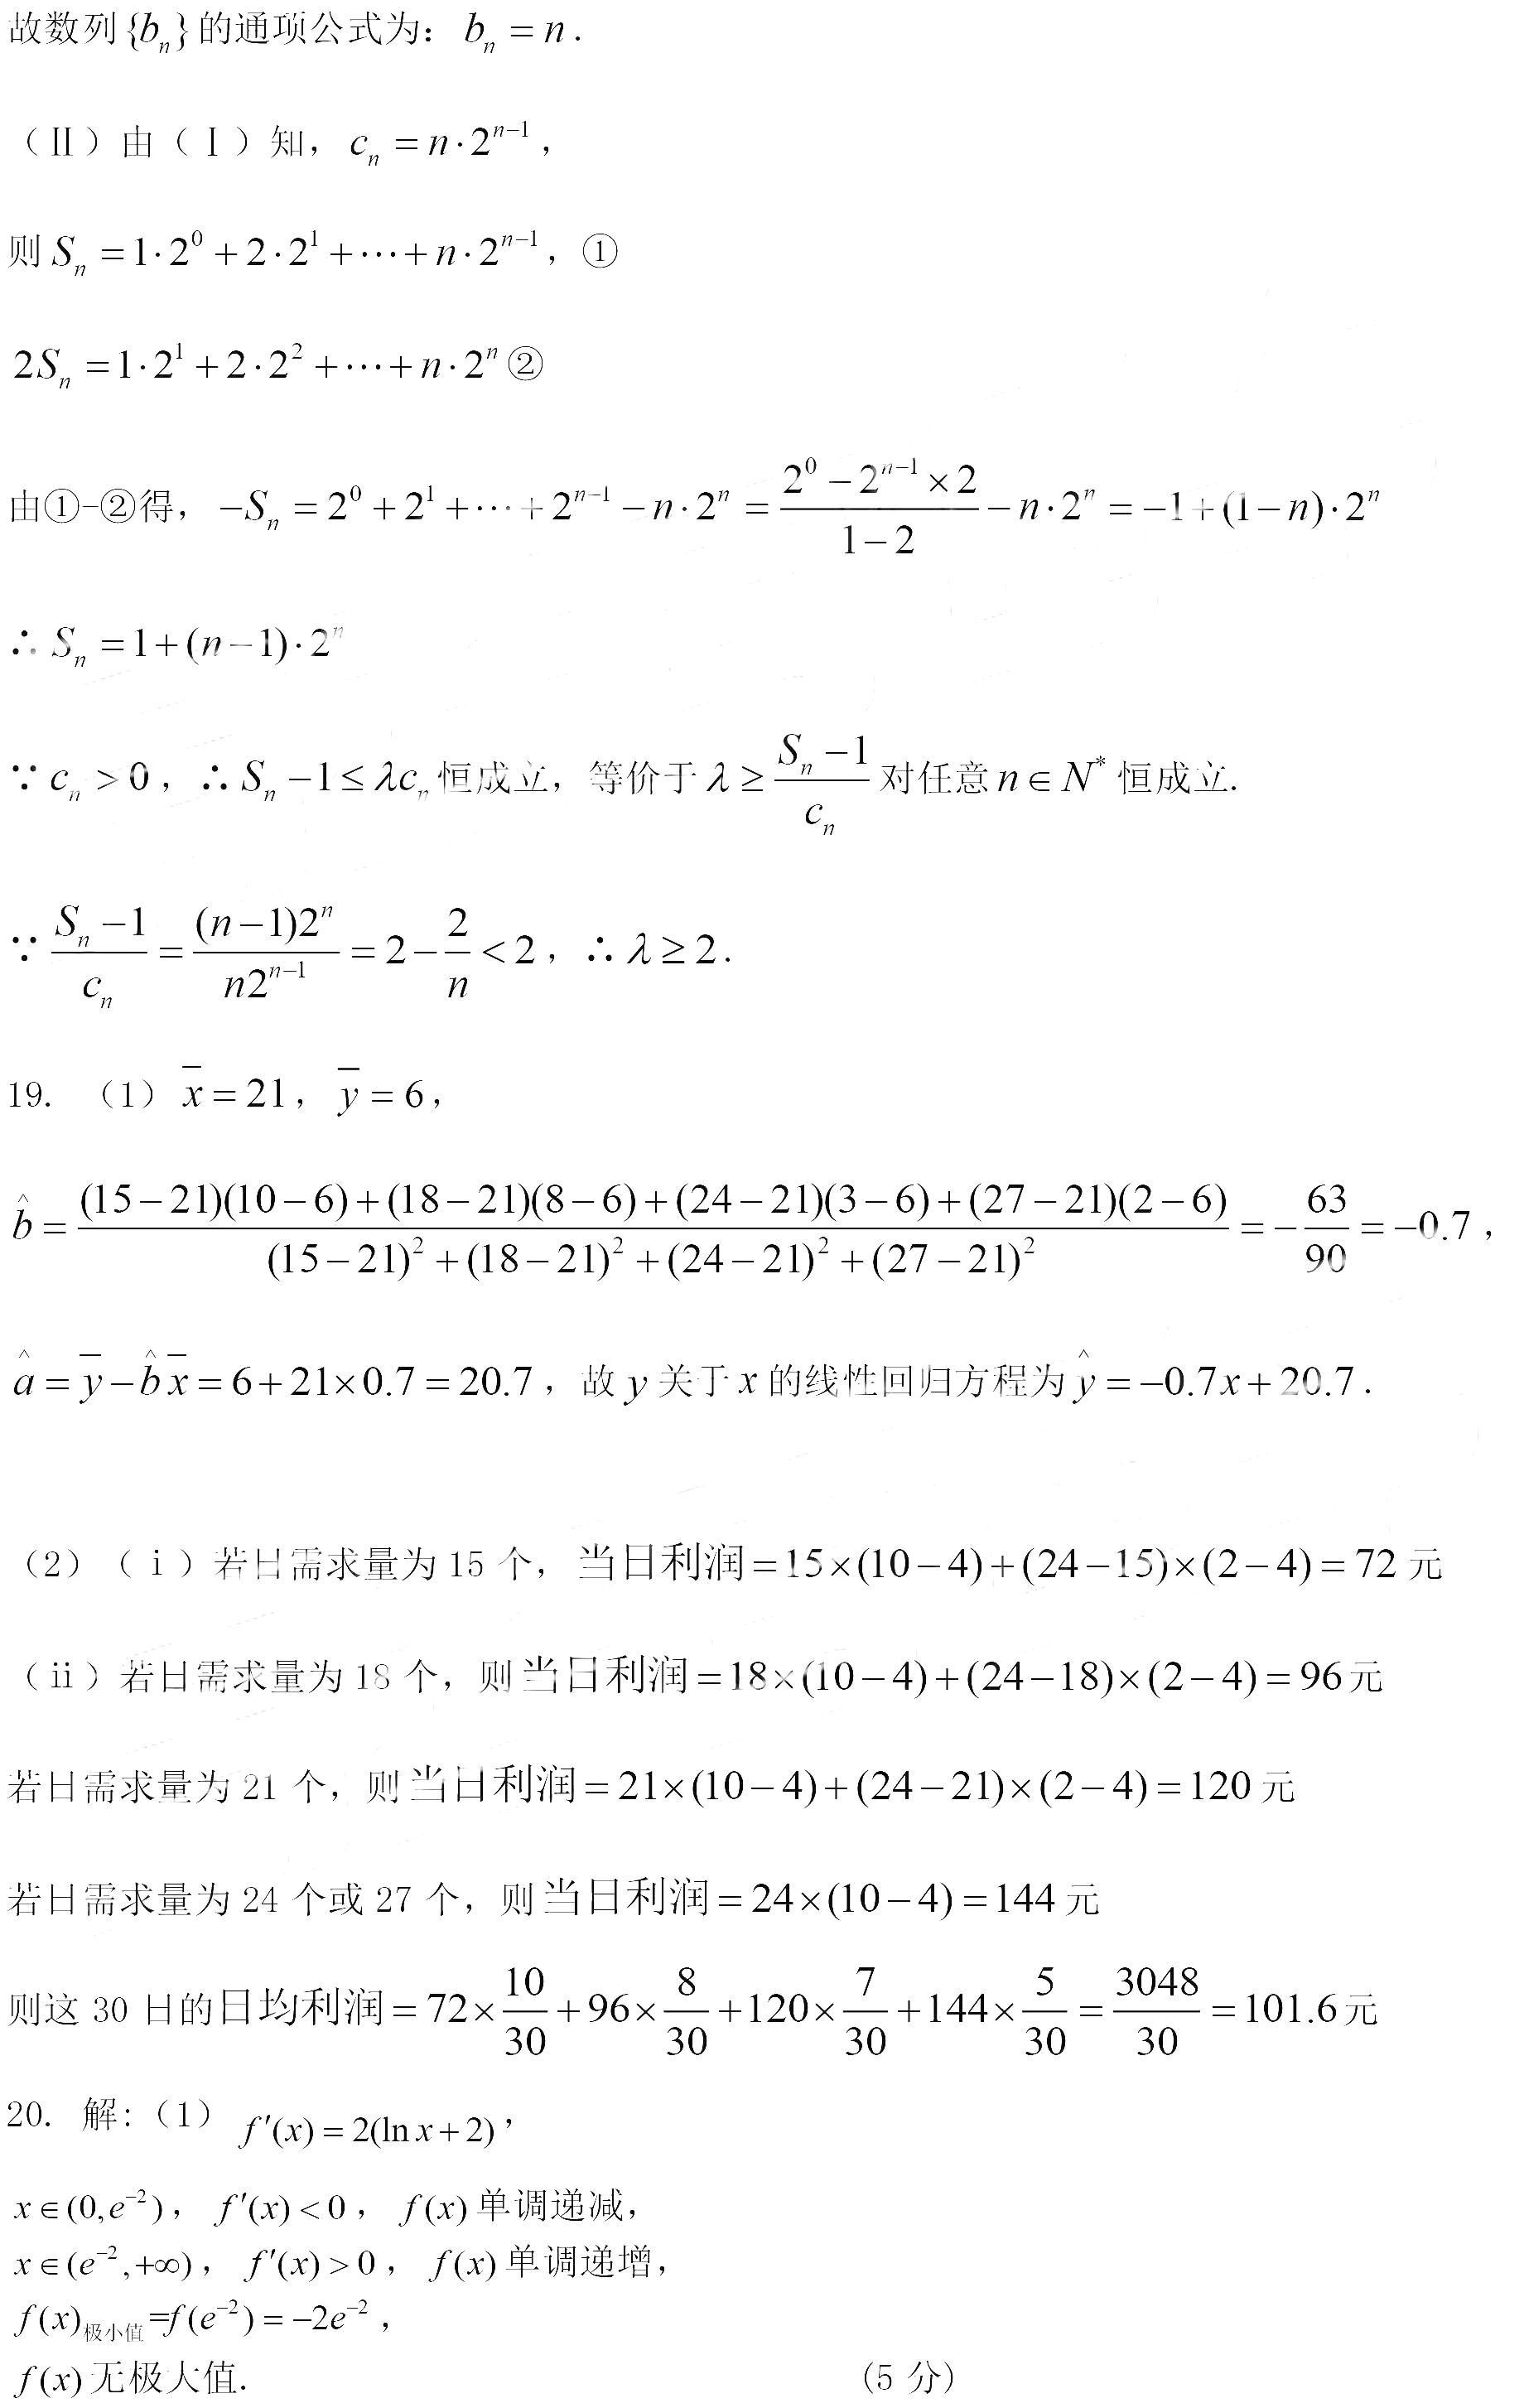 成都七中2019届高三二诊模拟考试文科数学真题与答案最新公布